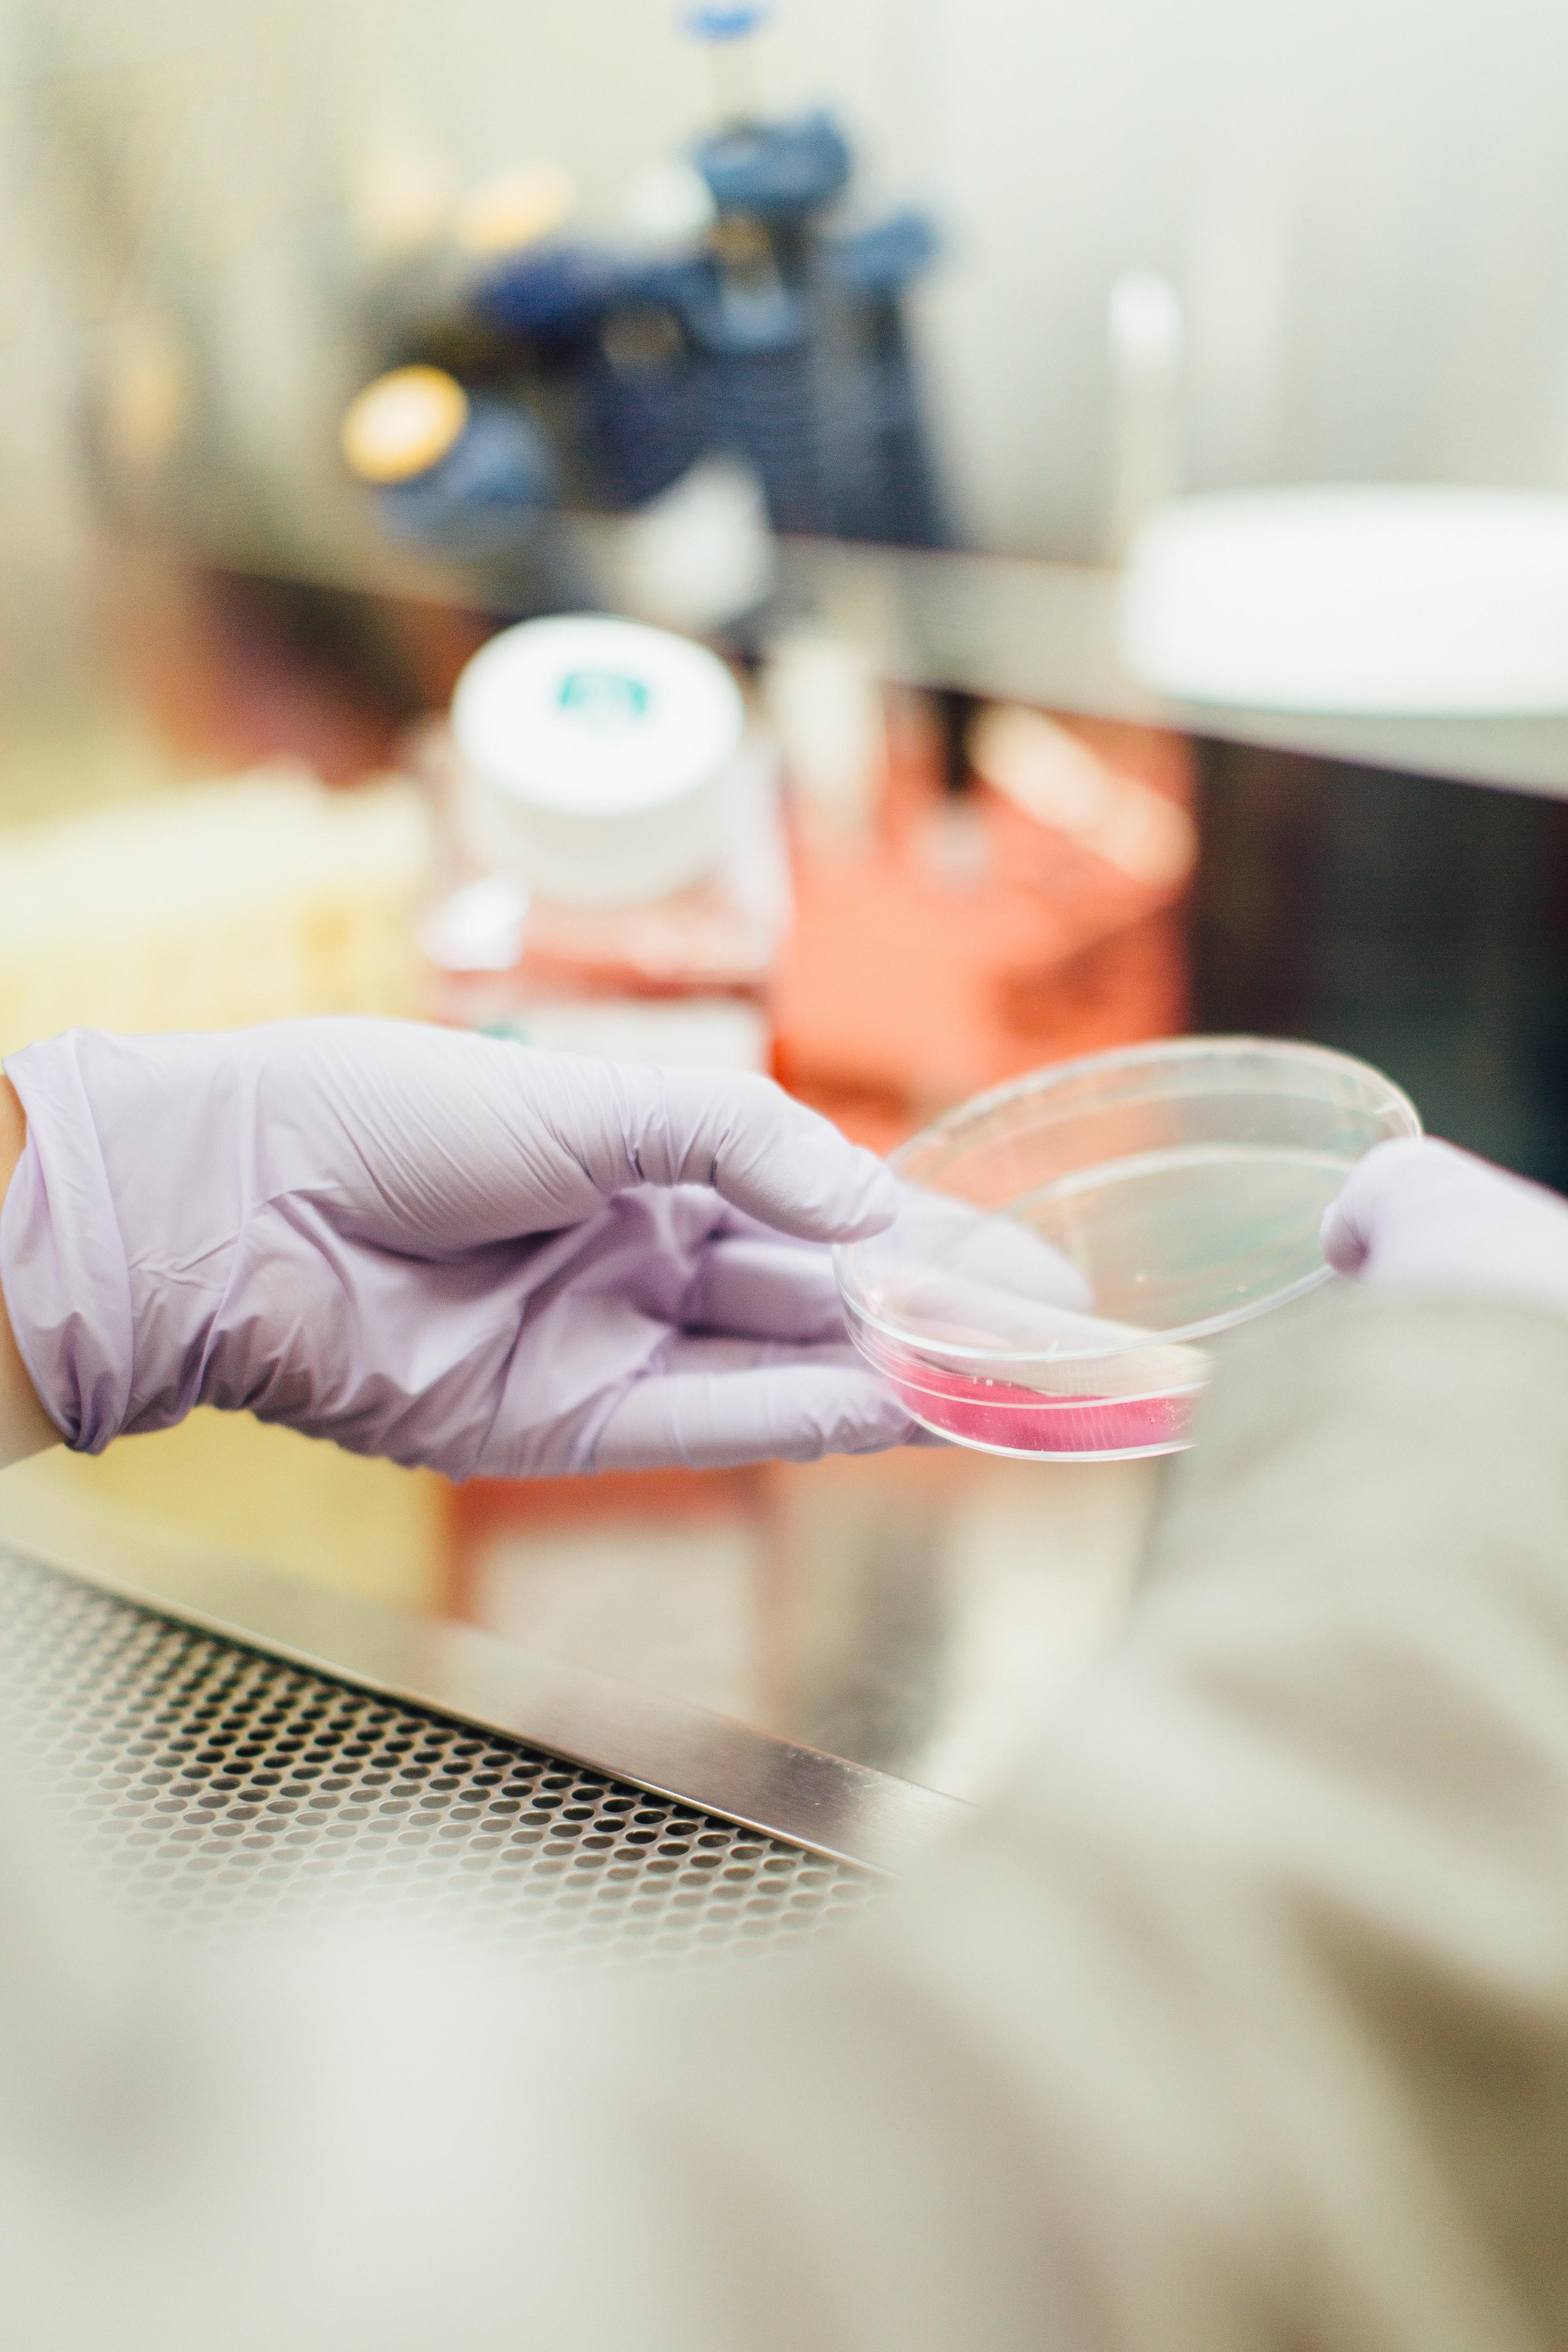 I malati di tumore sborsano 5 miliardi l'anno di tasca propria per le cure